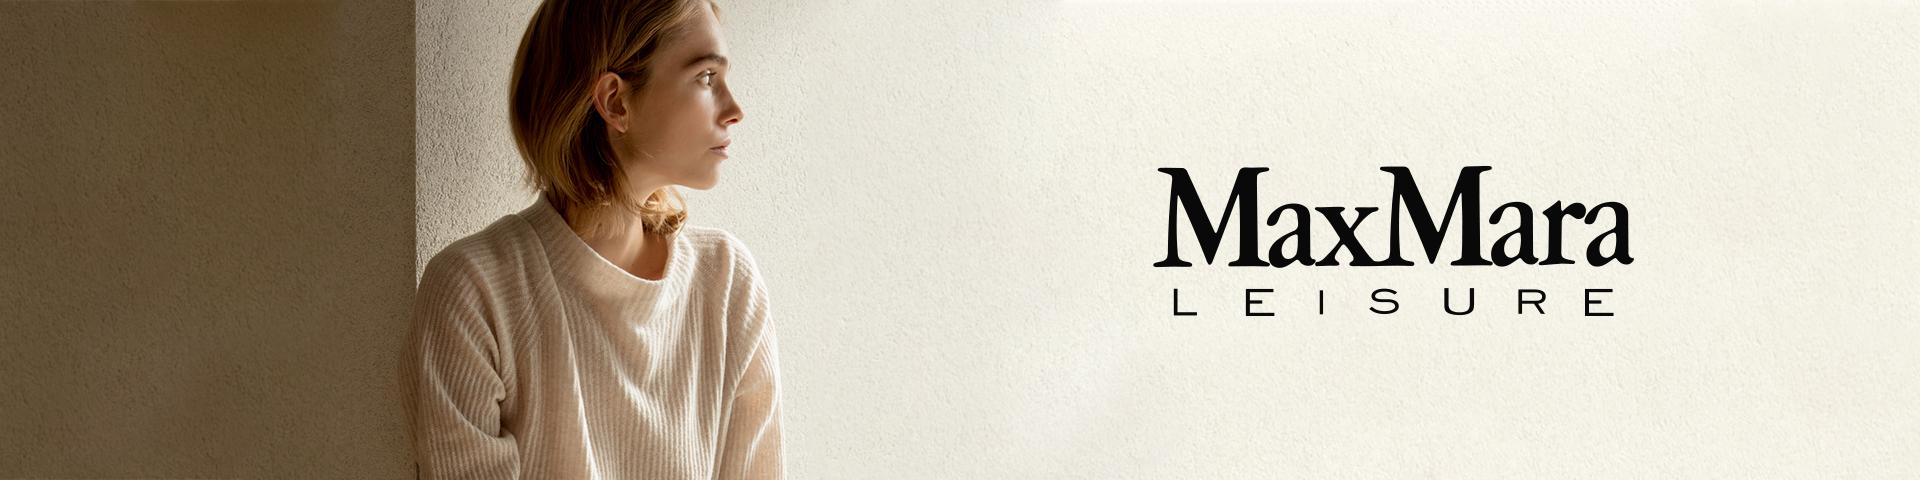 sports shoes 98f3d 7db32 Abbigliamento da donna Max Mara Leisure | La collezione ...